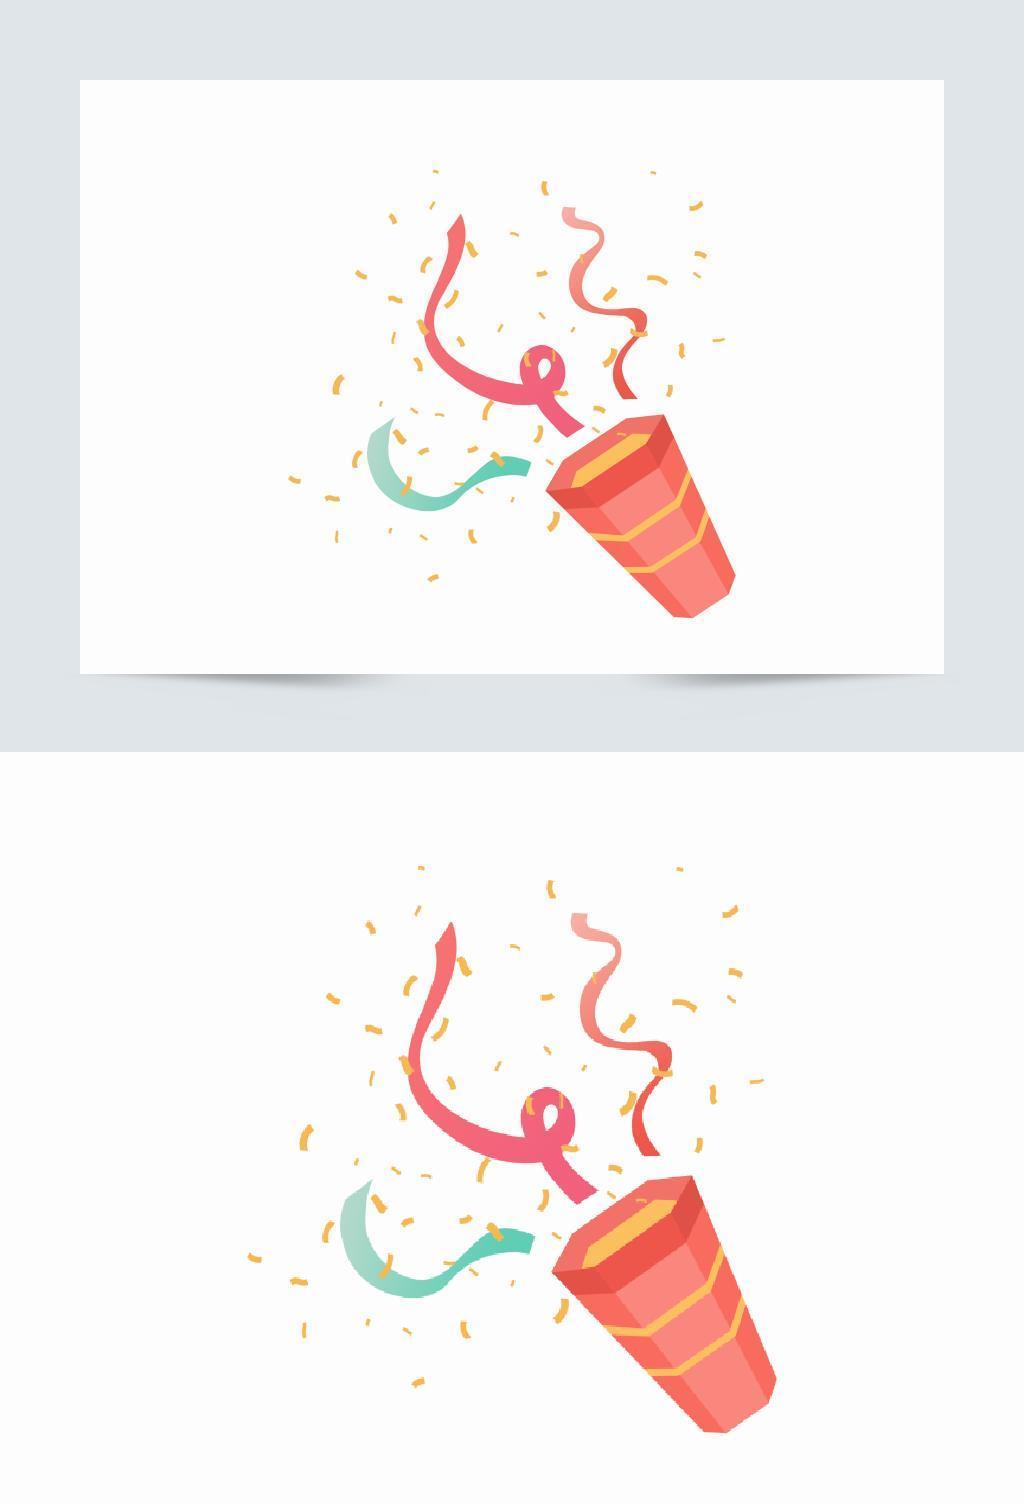 创意卡通手绘喷桶彩带